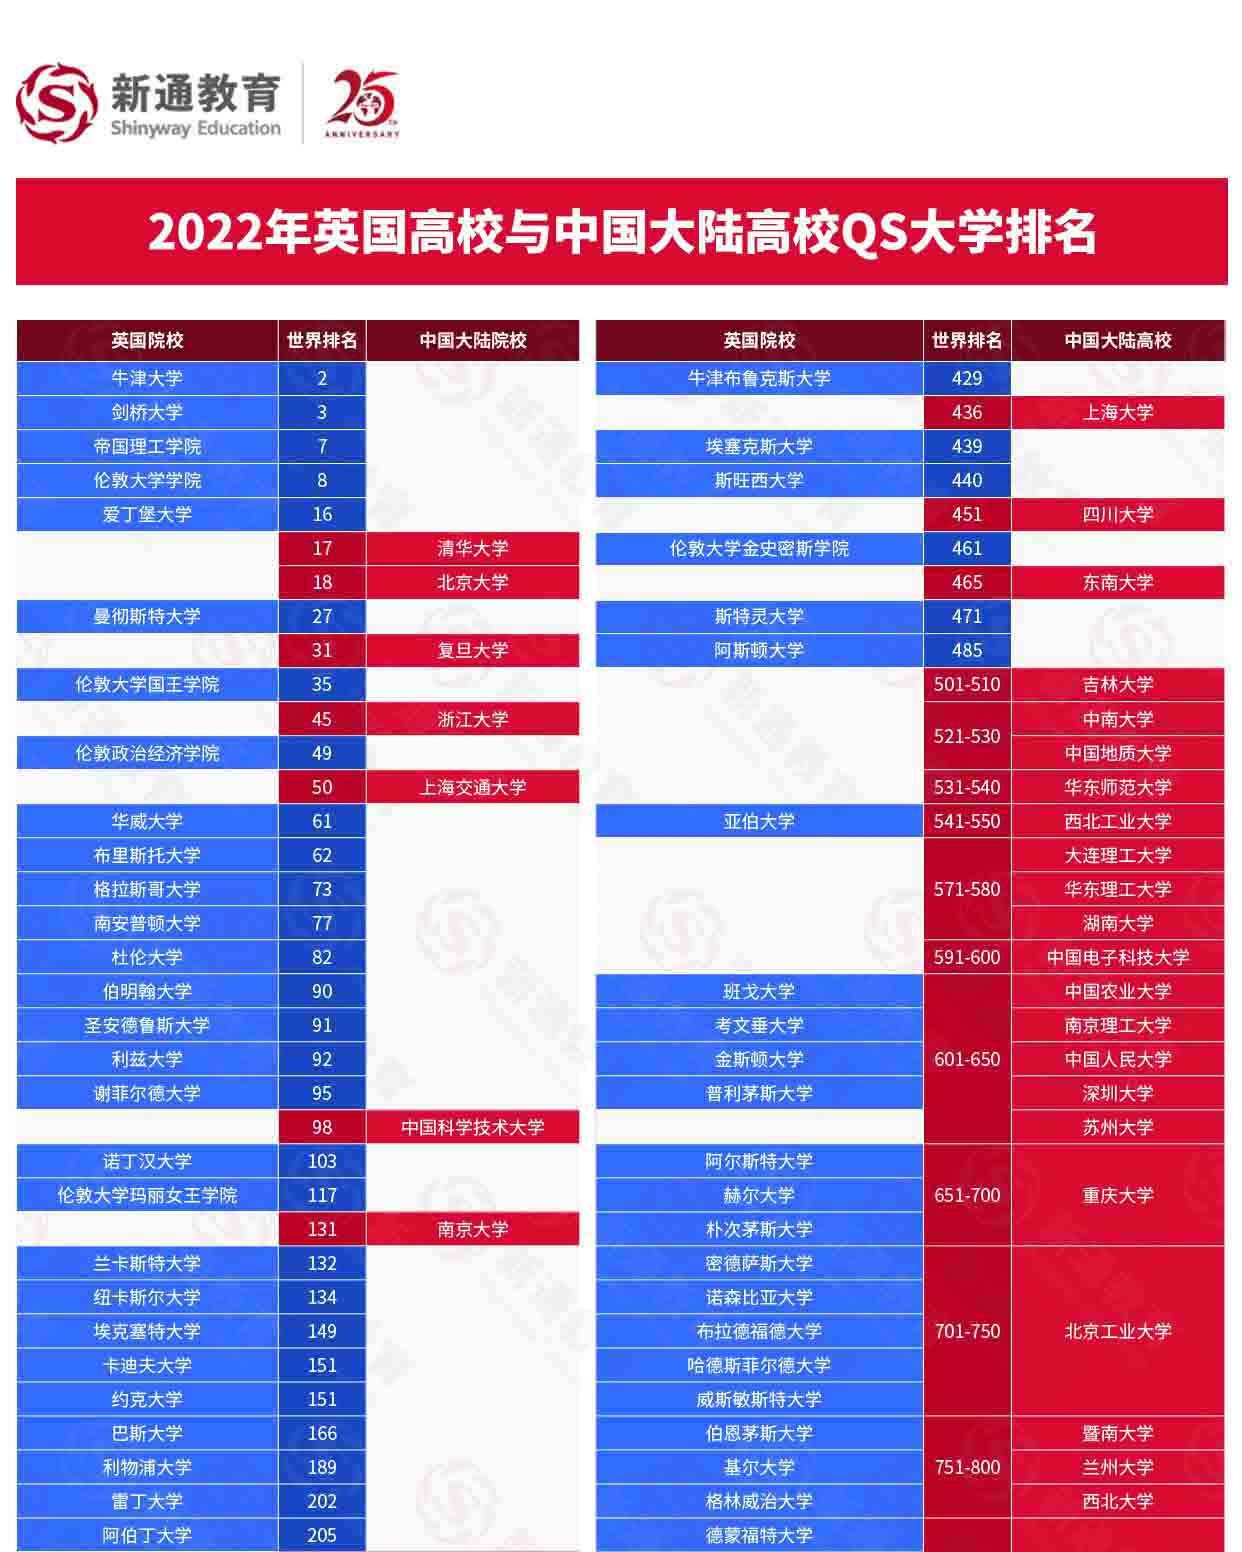 2022QS世界大学排名解析:中国大陆高校与世界大学排名对比,助力全球志愿填报2